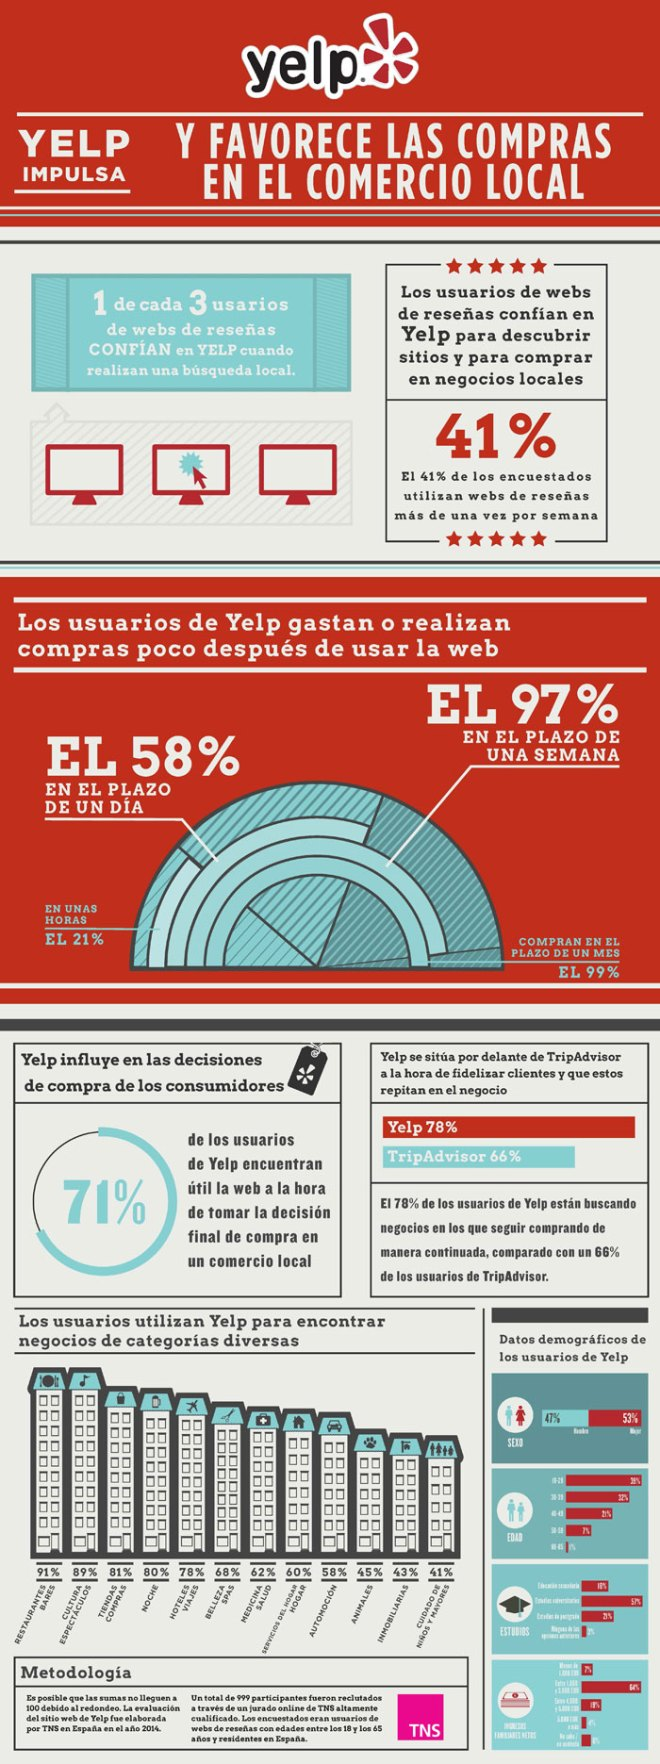 Yelp y el Comercio Local